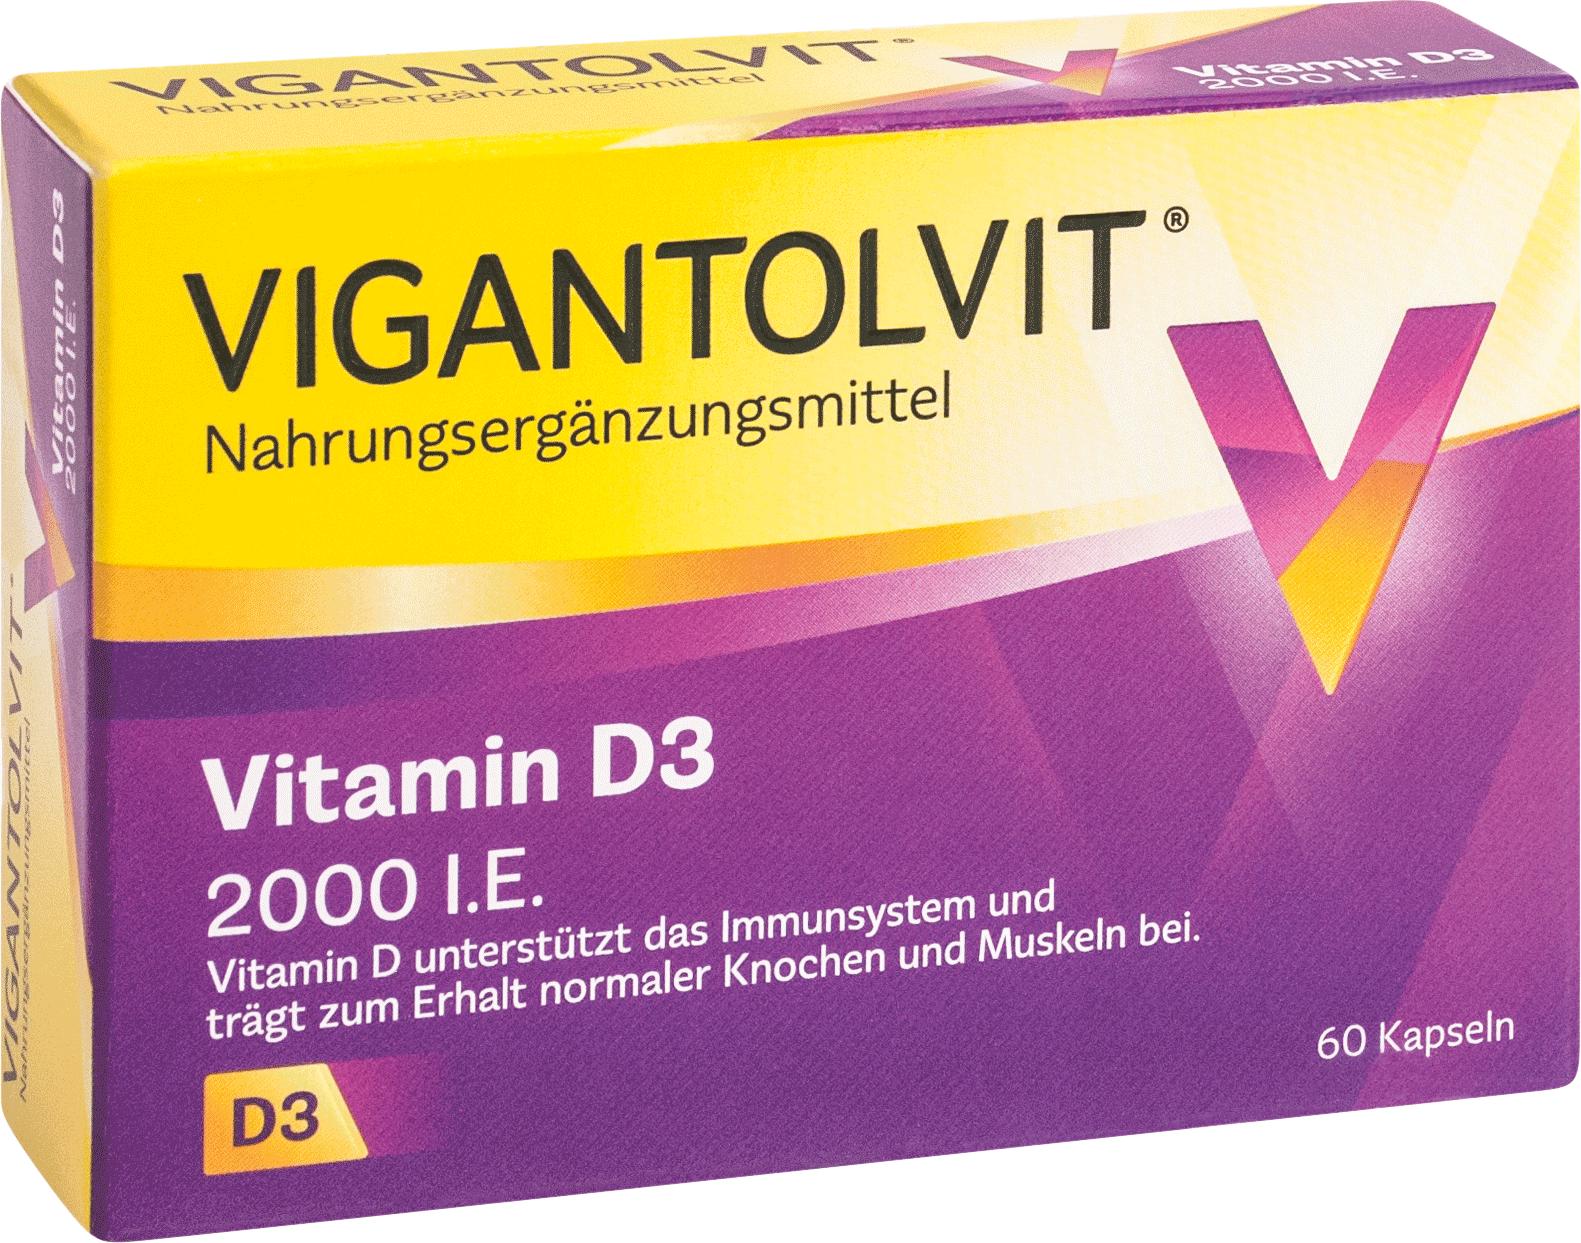 Vigantolvit 2000 I.E. Vitamin D3